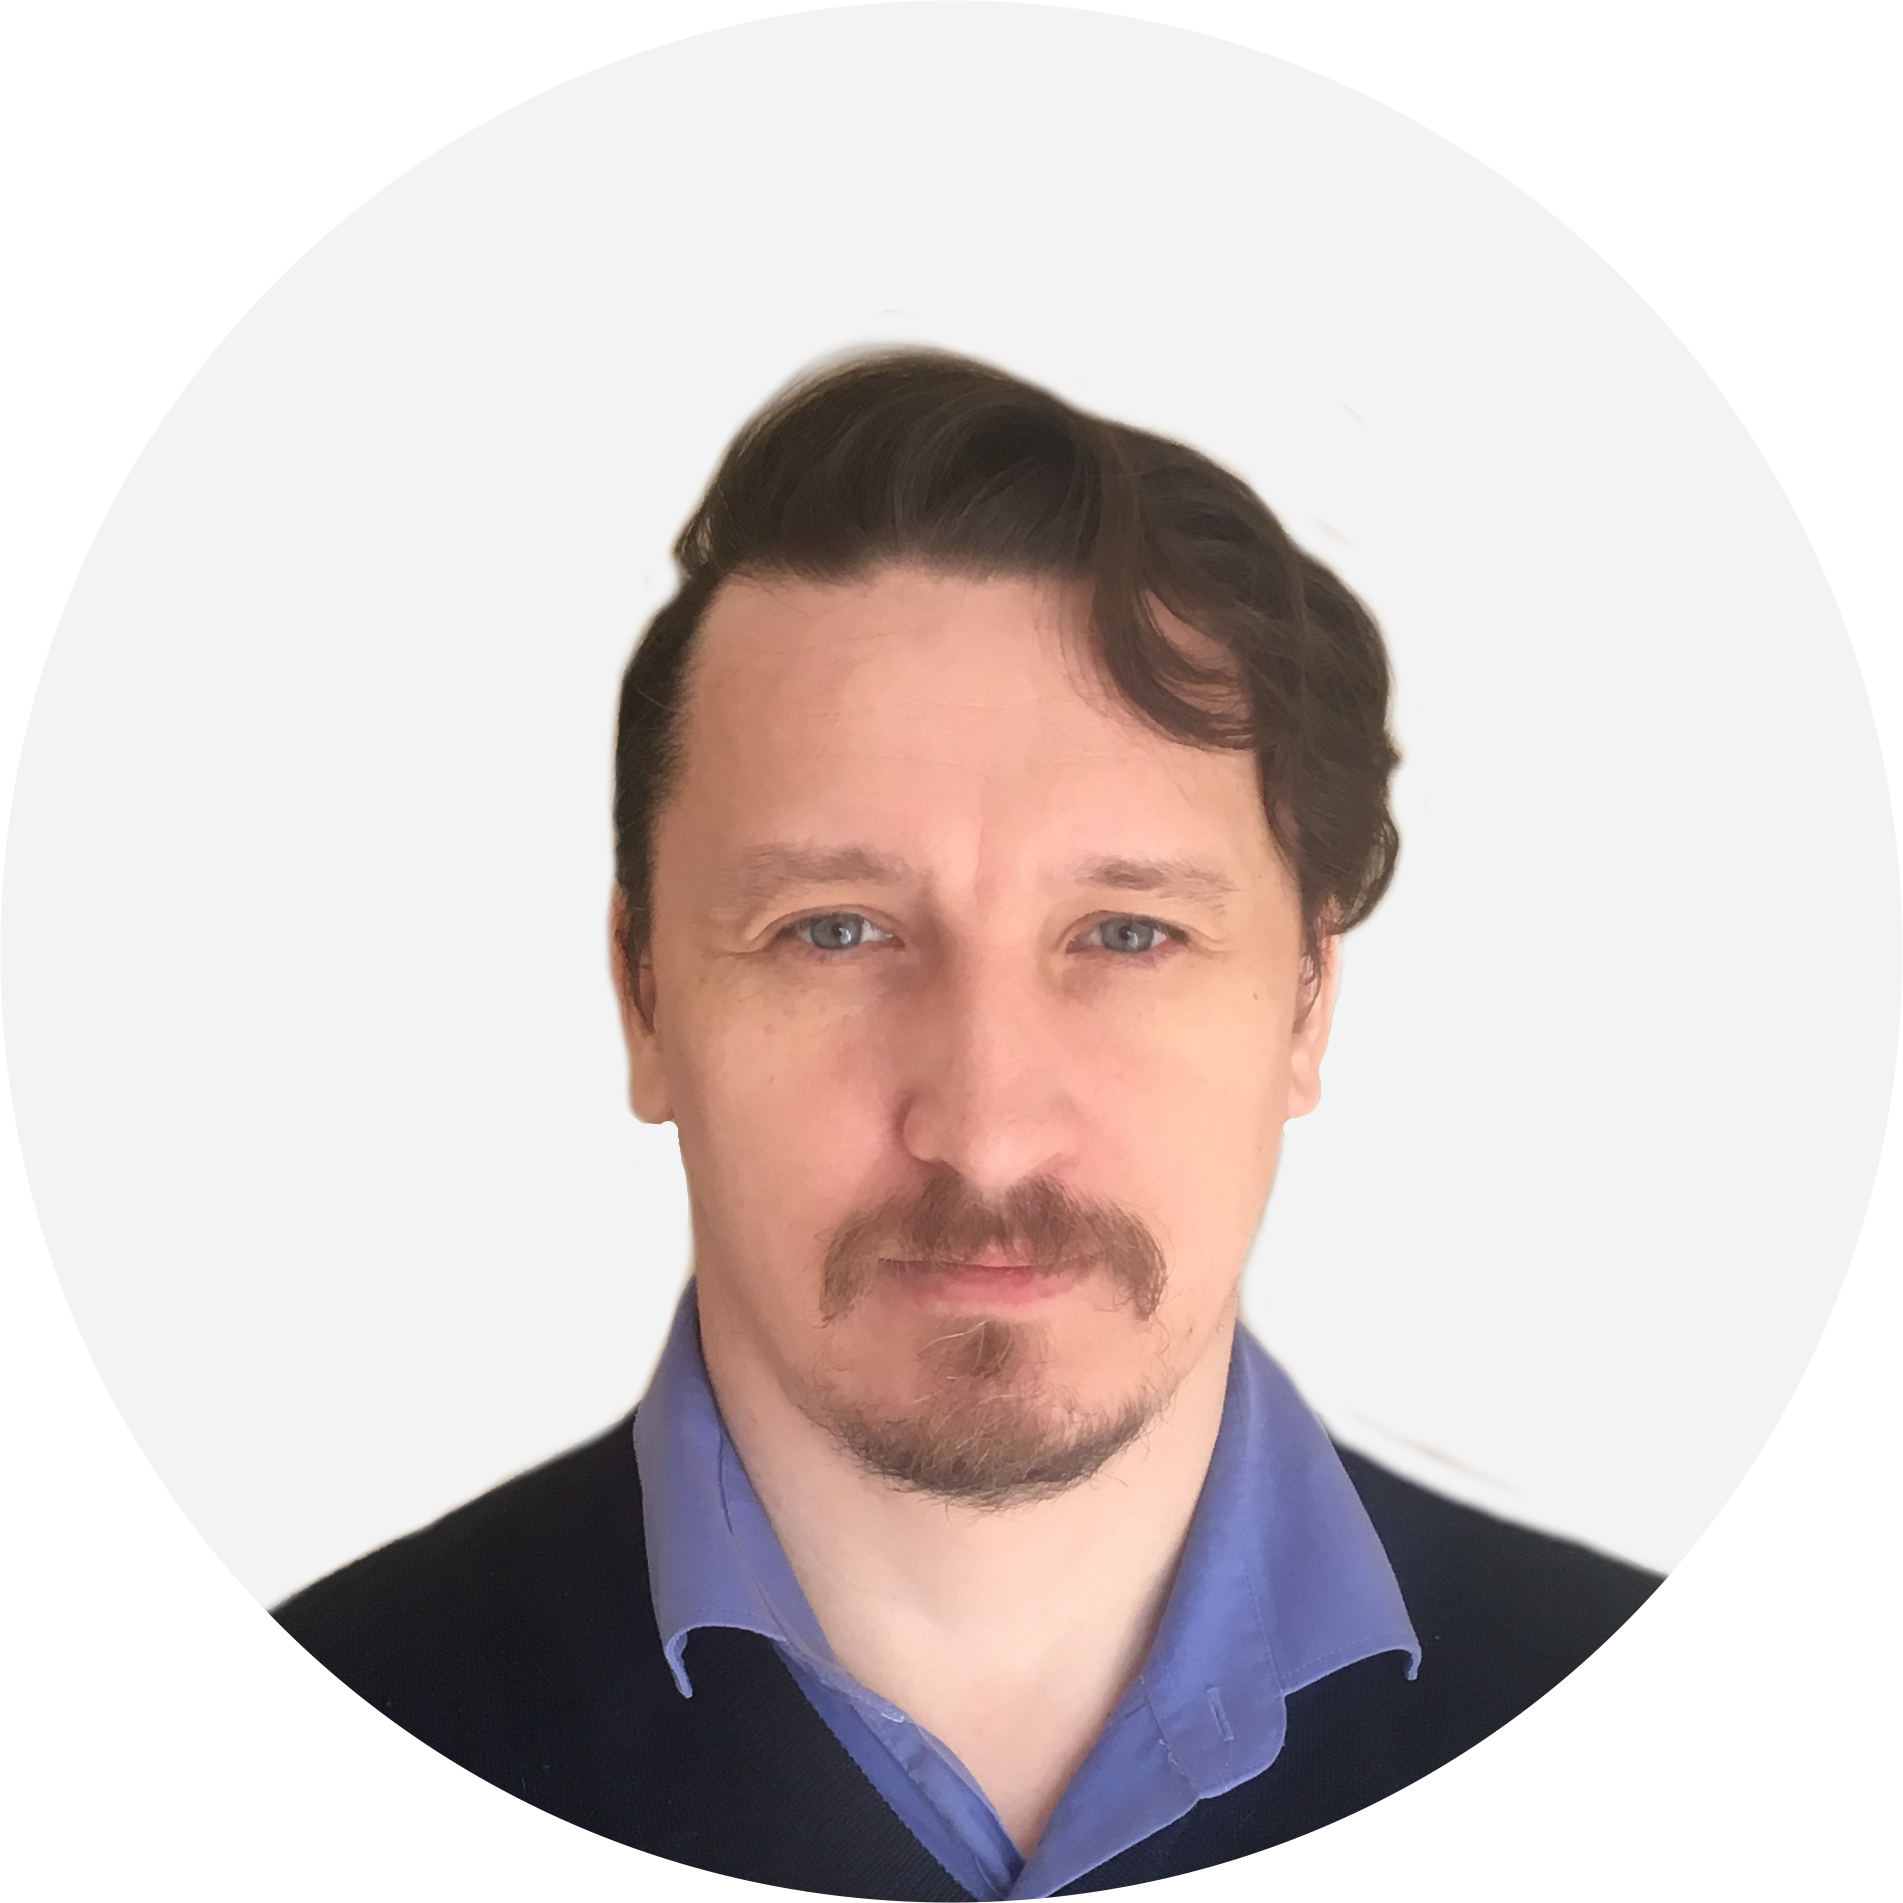 Власов Иван Сергеевич - репетитор ЕГЭ и ОГЭ